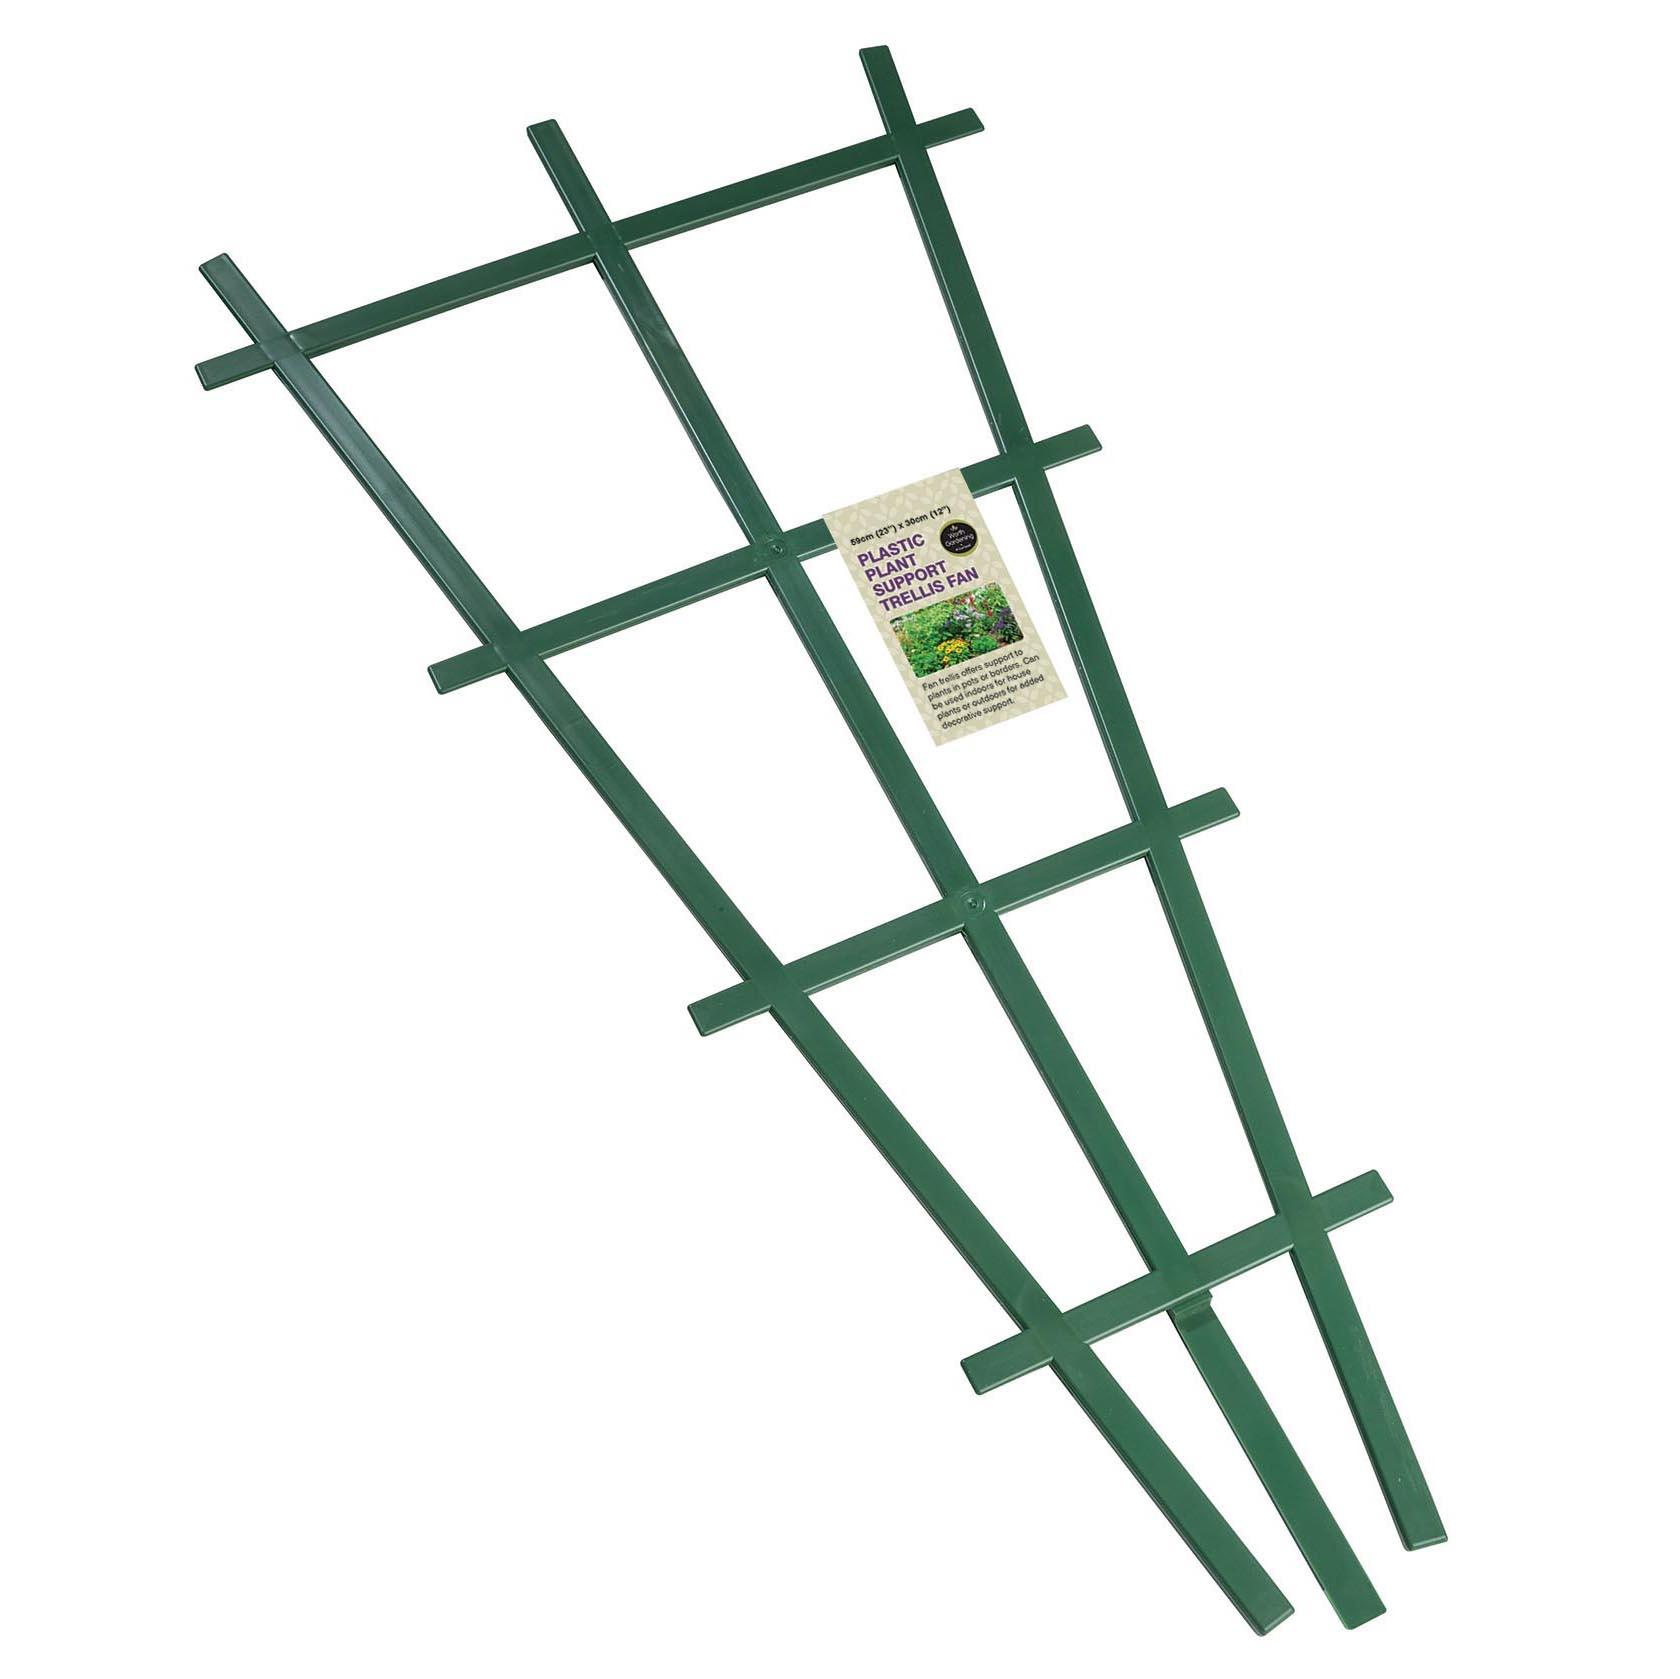 Plastic Plant Support Trellis